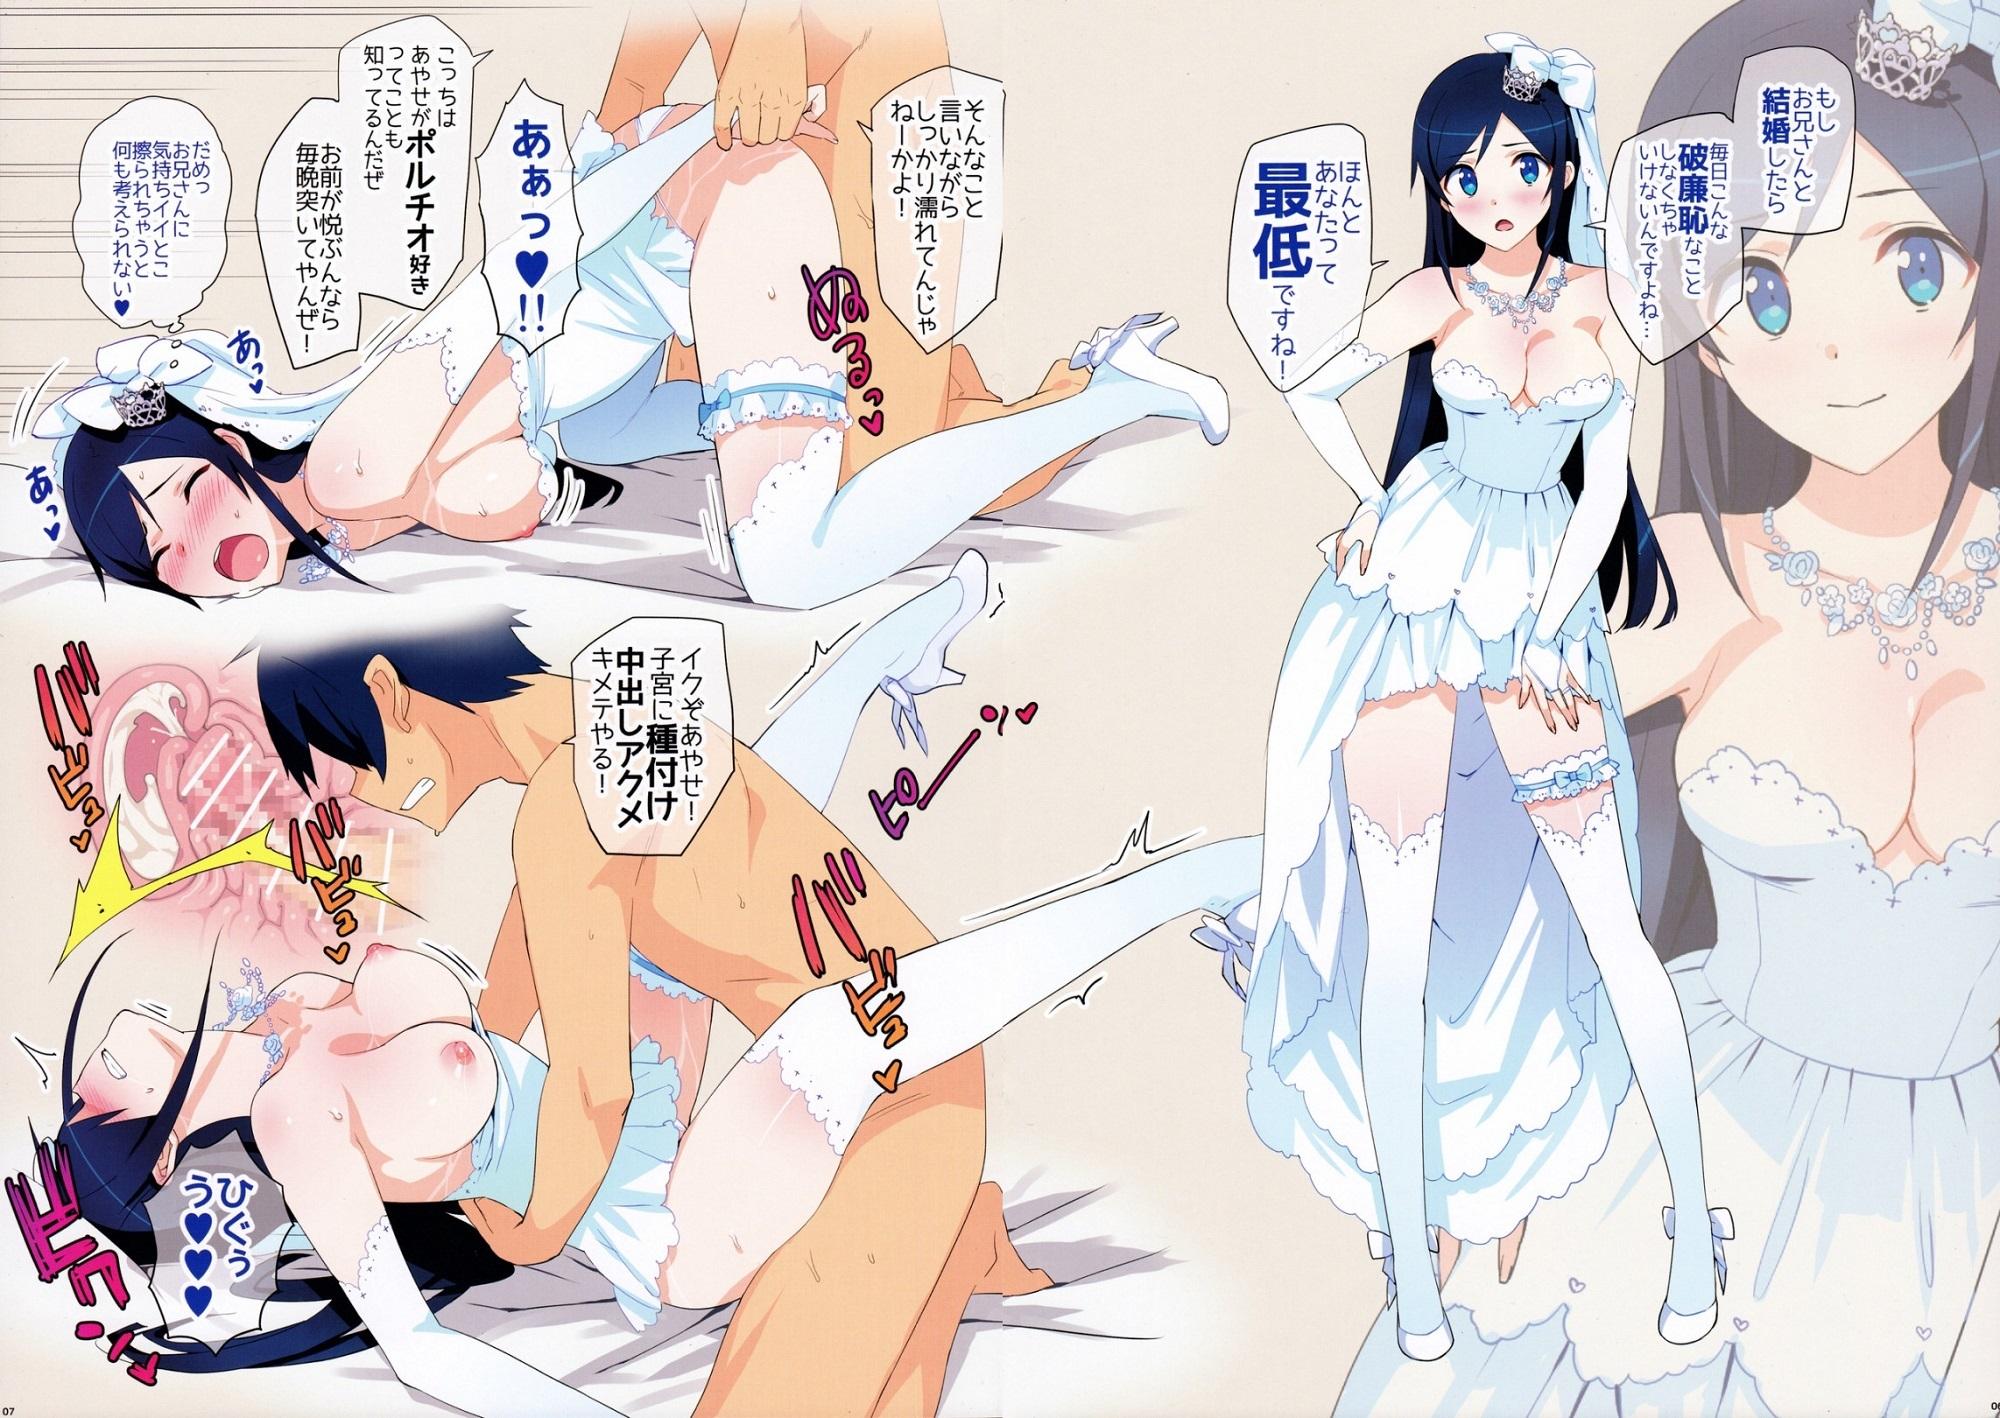 【俺妹】新垣あやせの中出しセックスエロ画像【俺の妹がこんなに可愛いわけがない】